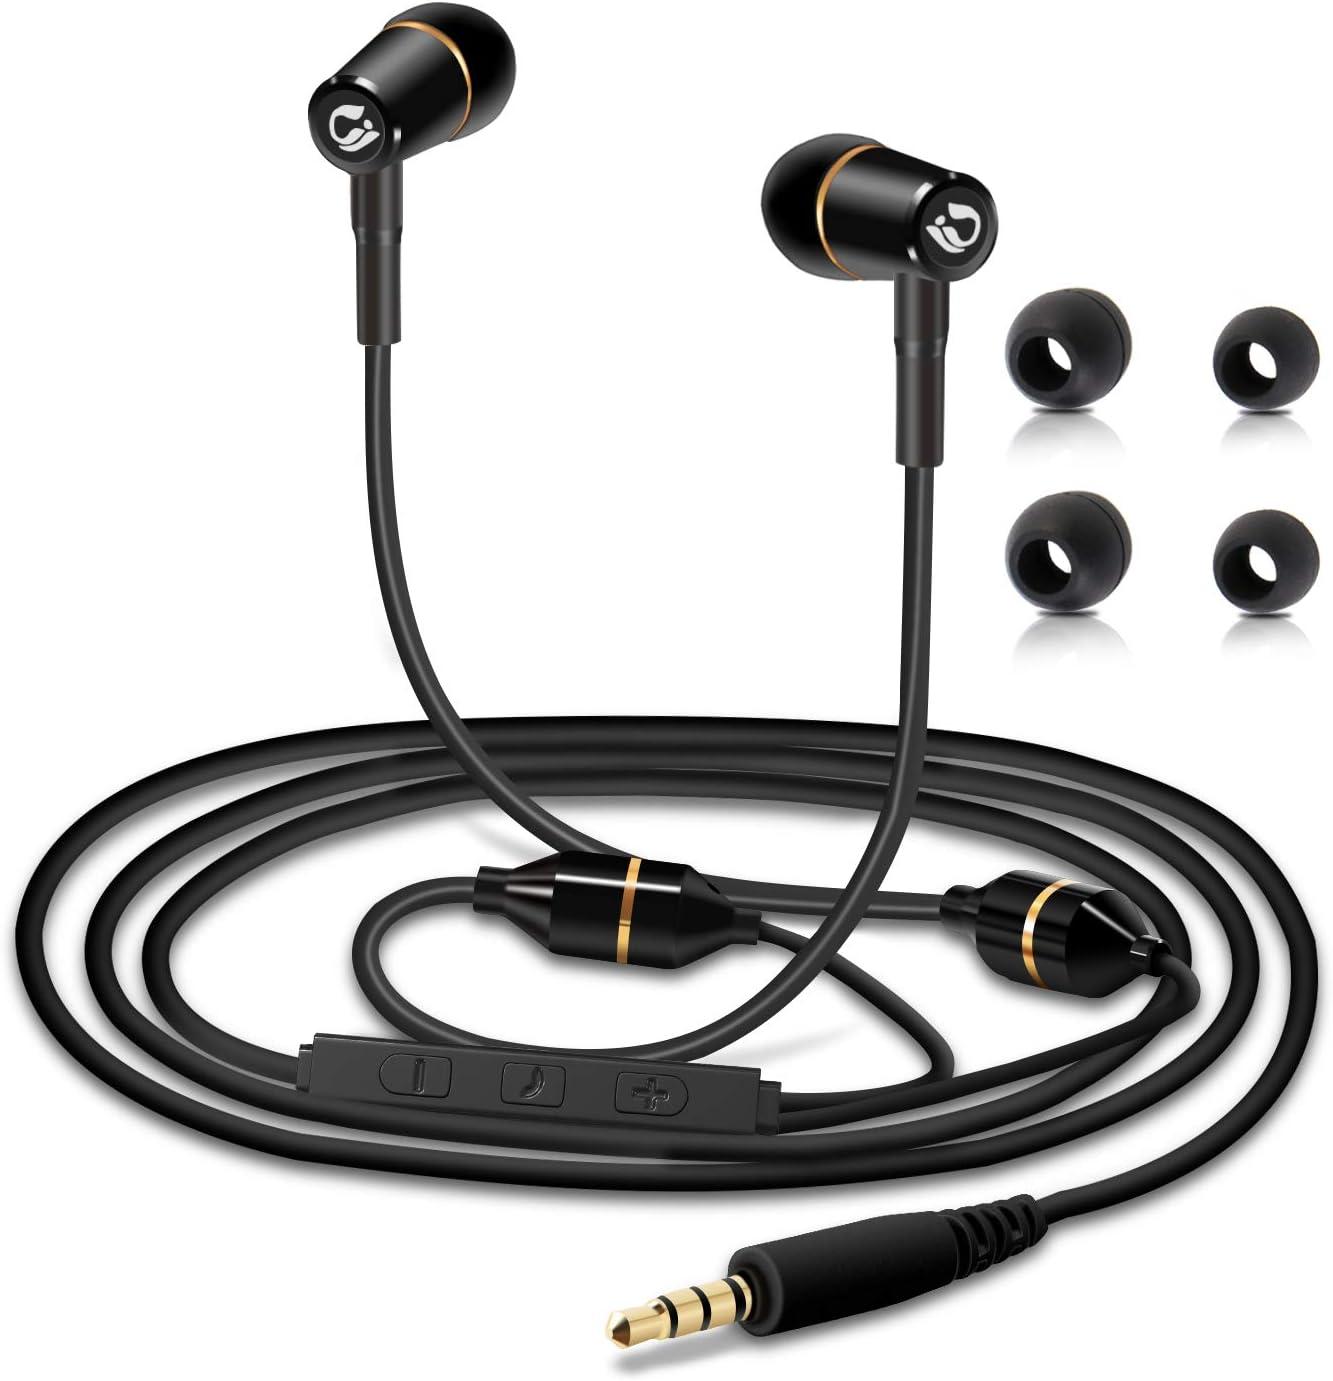 Bianco Protezione EMF Cuffie In-Ear Stereo con Vivavoce Headset con Microfono Tuisy Aggiornato Auricolari Anti-Radiazioni In linea /& Telecomando Brevetto Air Tube